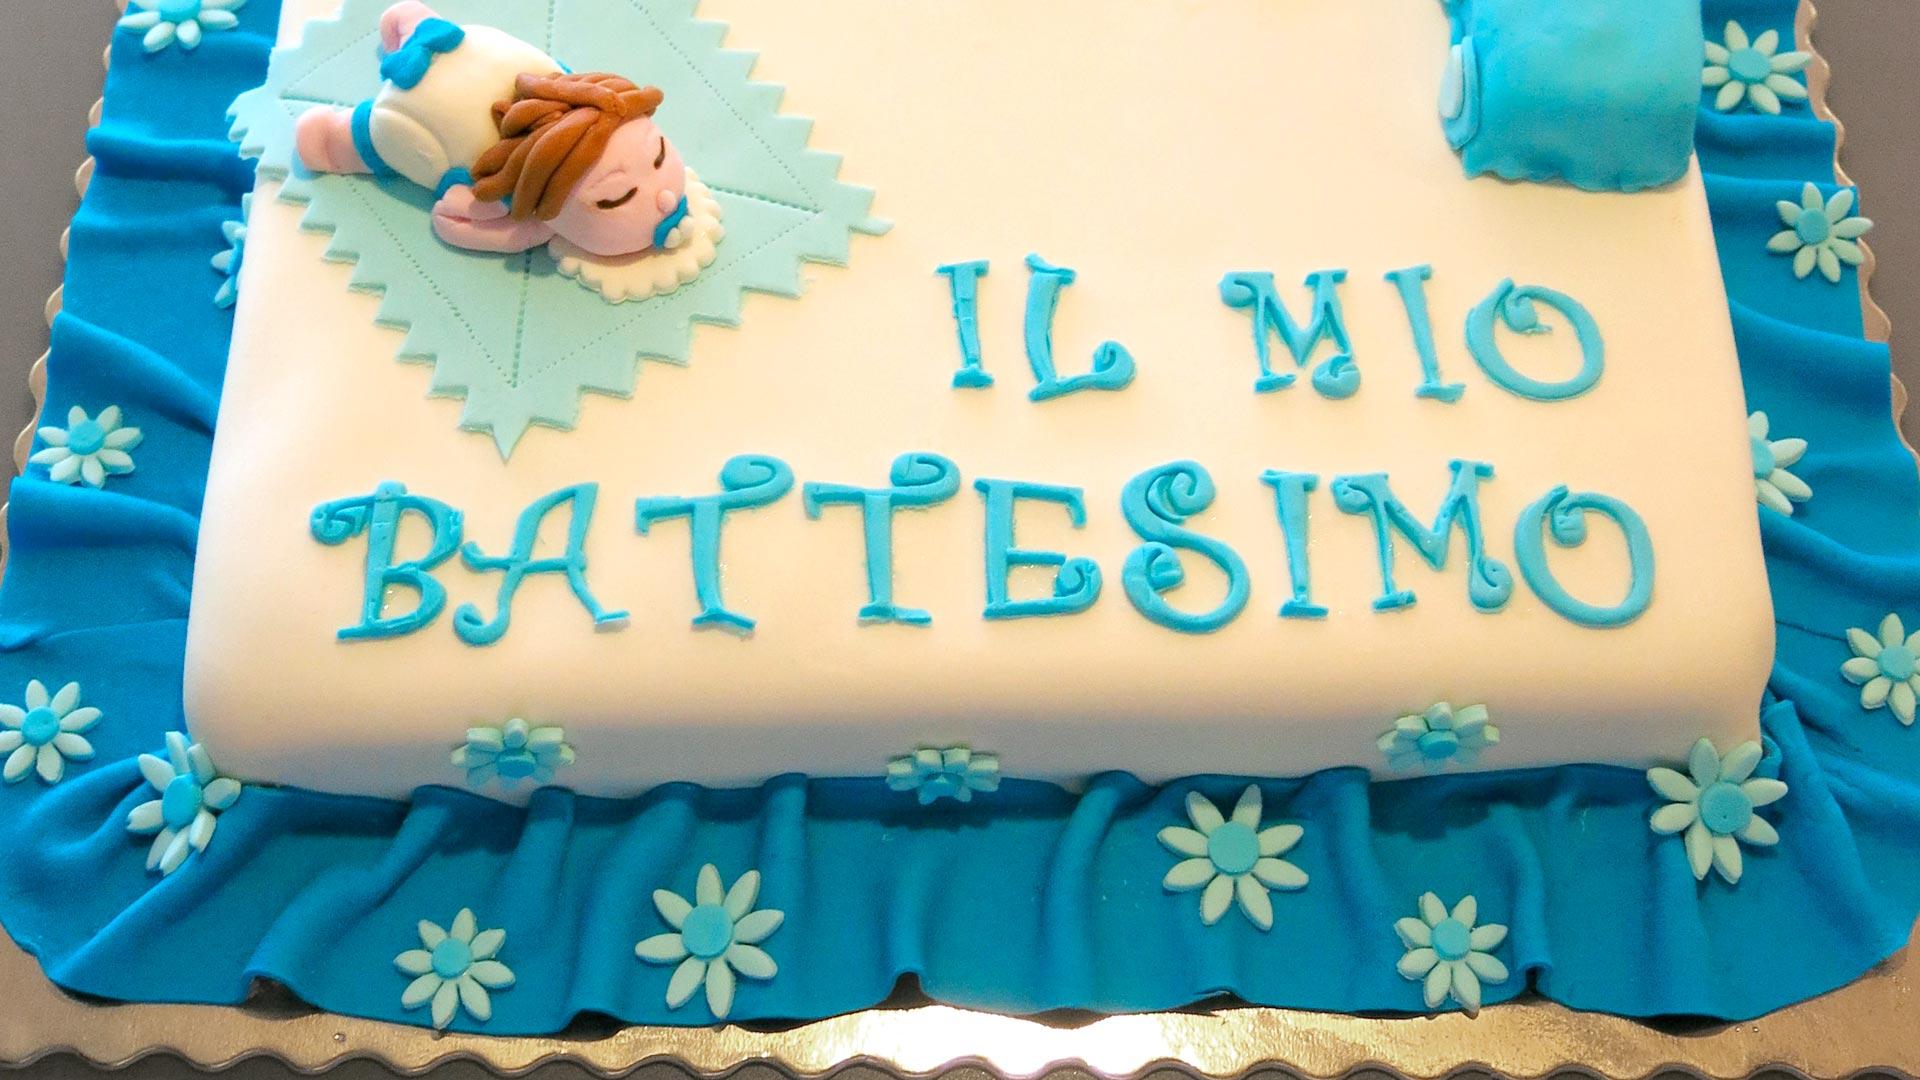 Torte per battesimo: idee con panna e pasta di zucchero (con foto)